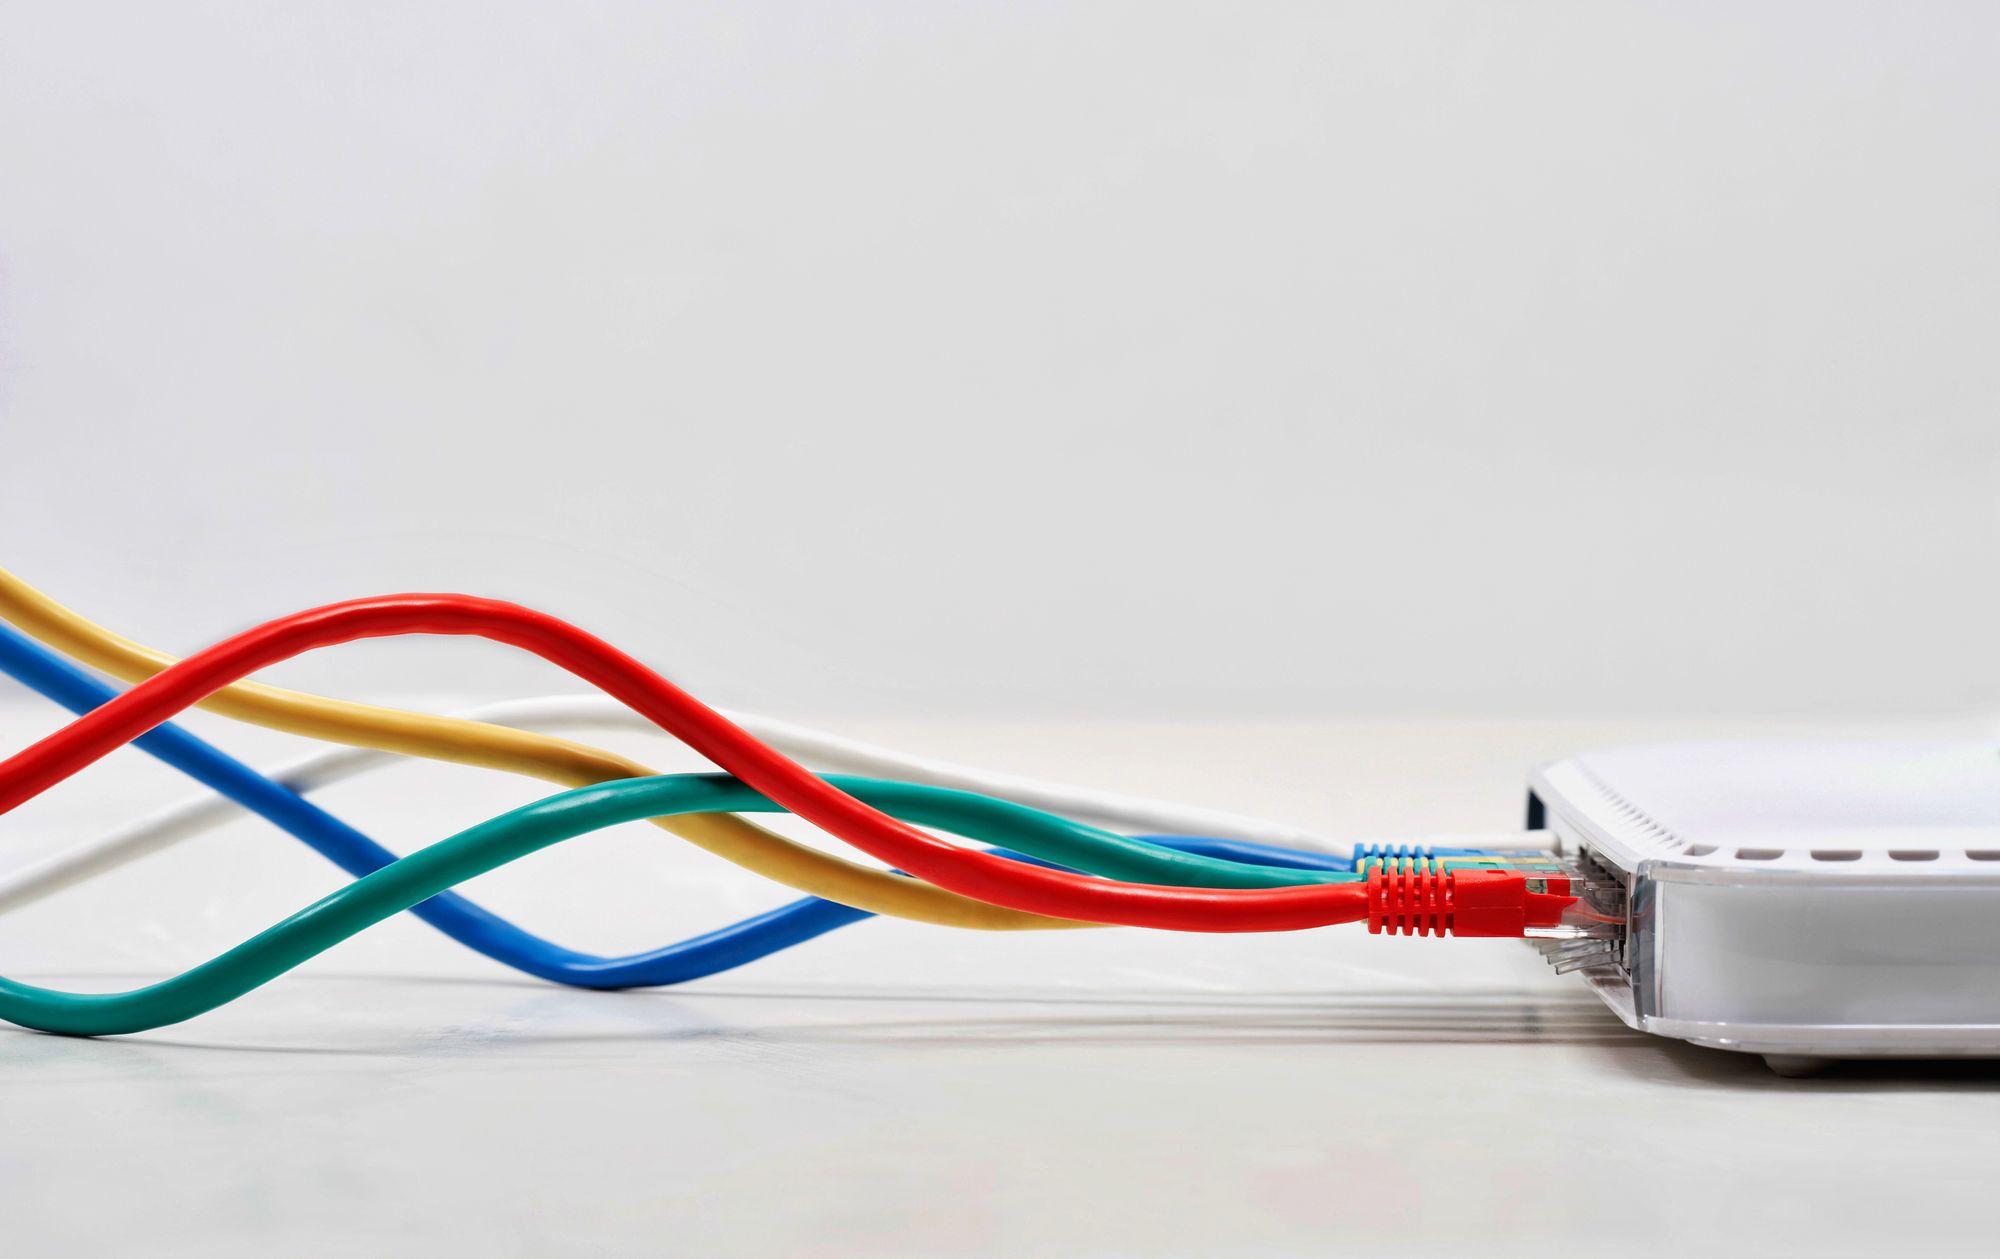 İnternet hızını yükseltmek